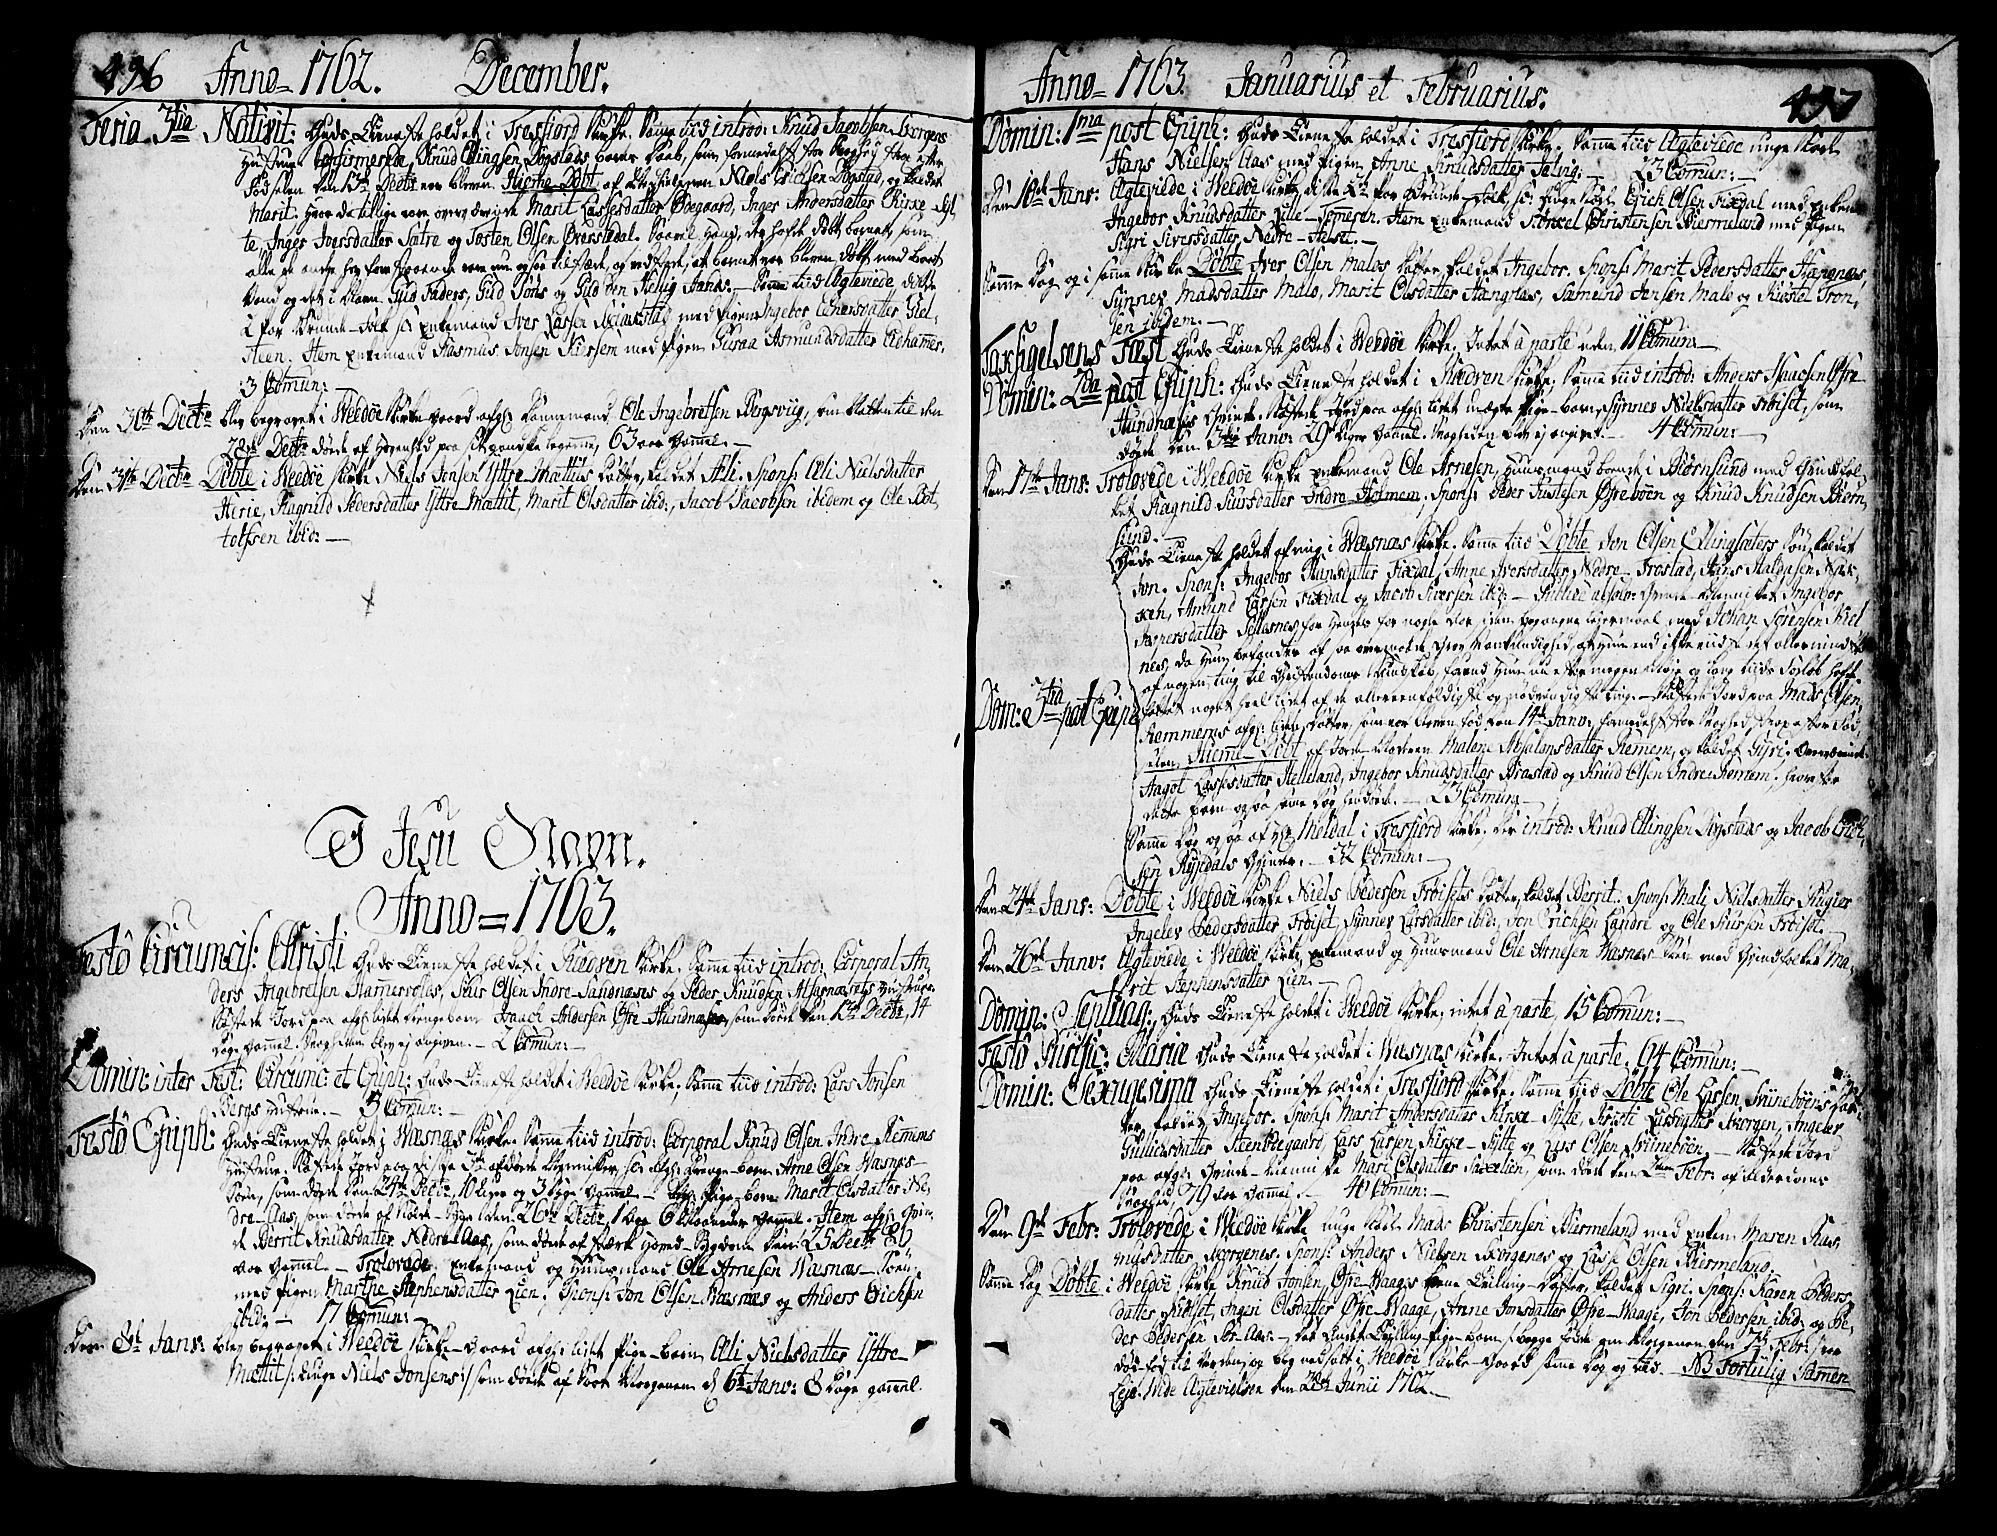 SAT, Ministerialprotokoller, klokkerbøker og fødselsregistre - Møre og Romsdal, 547/L0599: Ministerialbok nr. 547A01, 1721-1764, s. 496-497